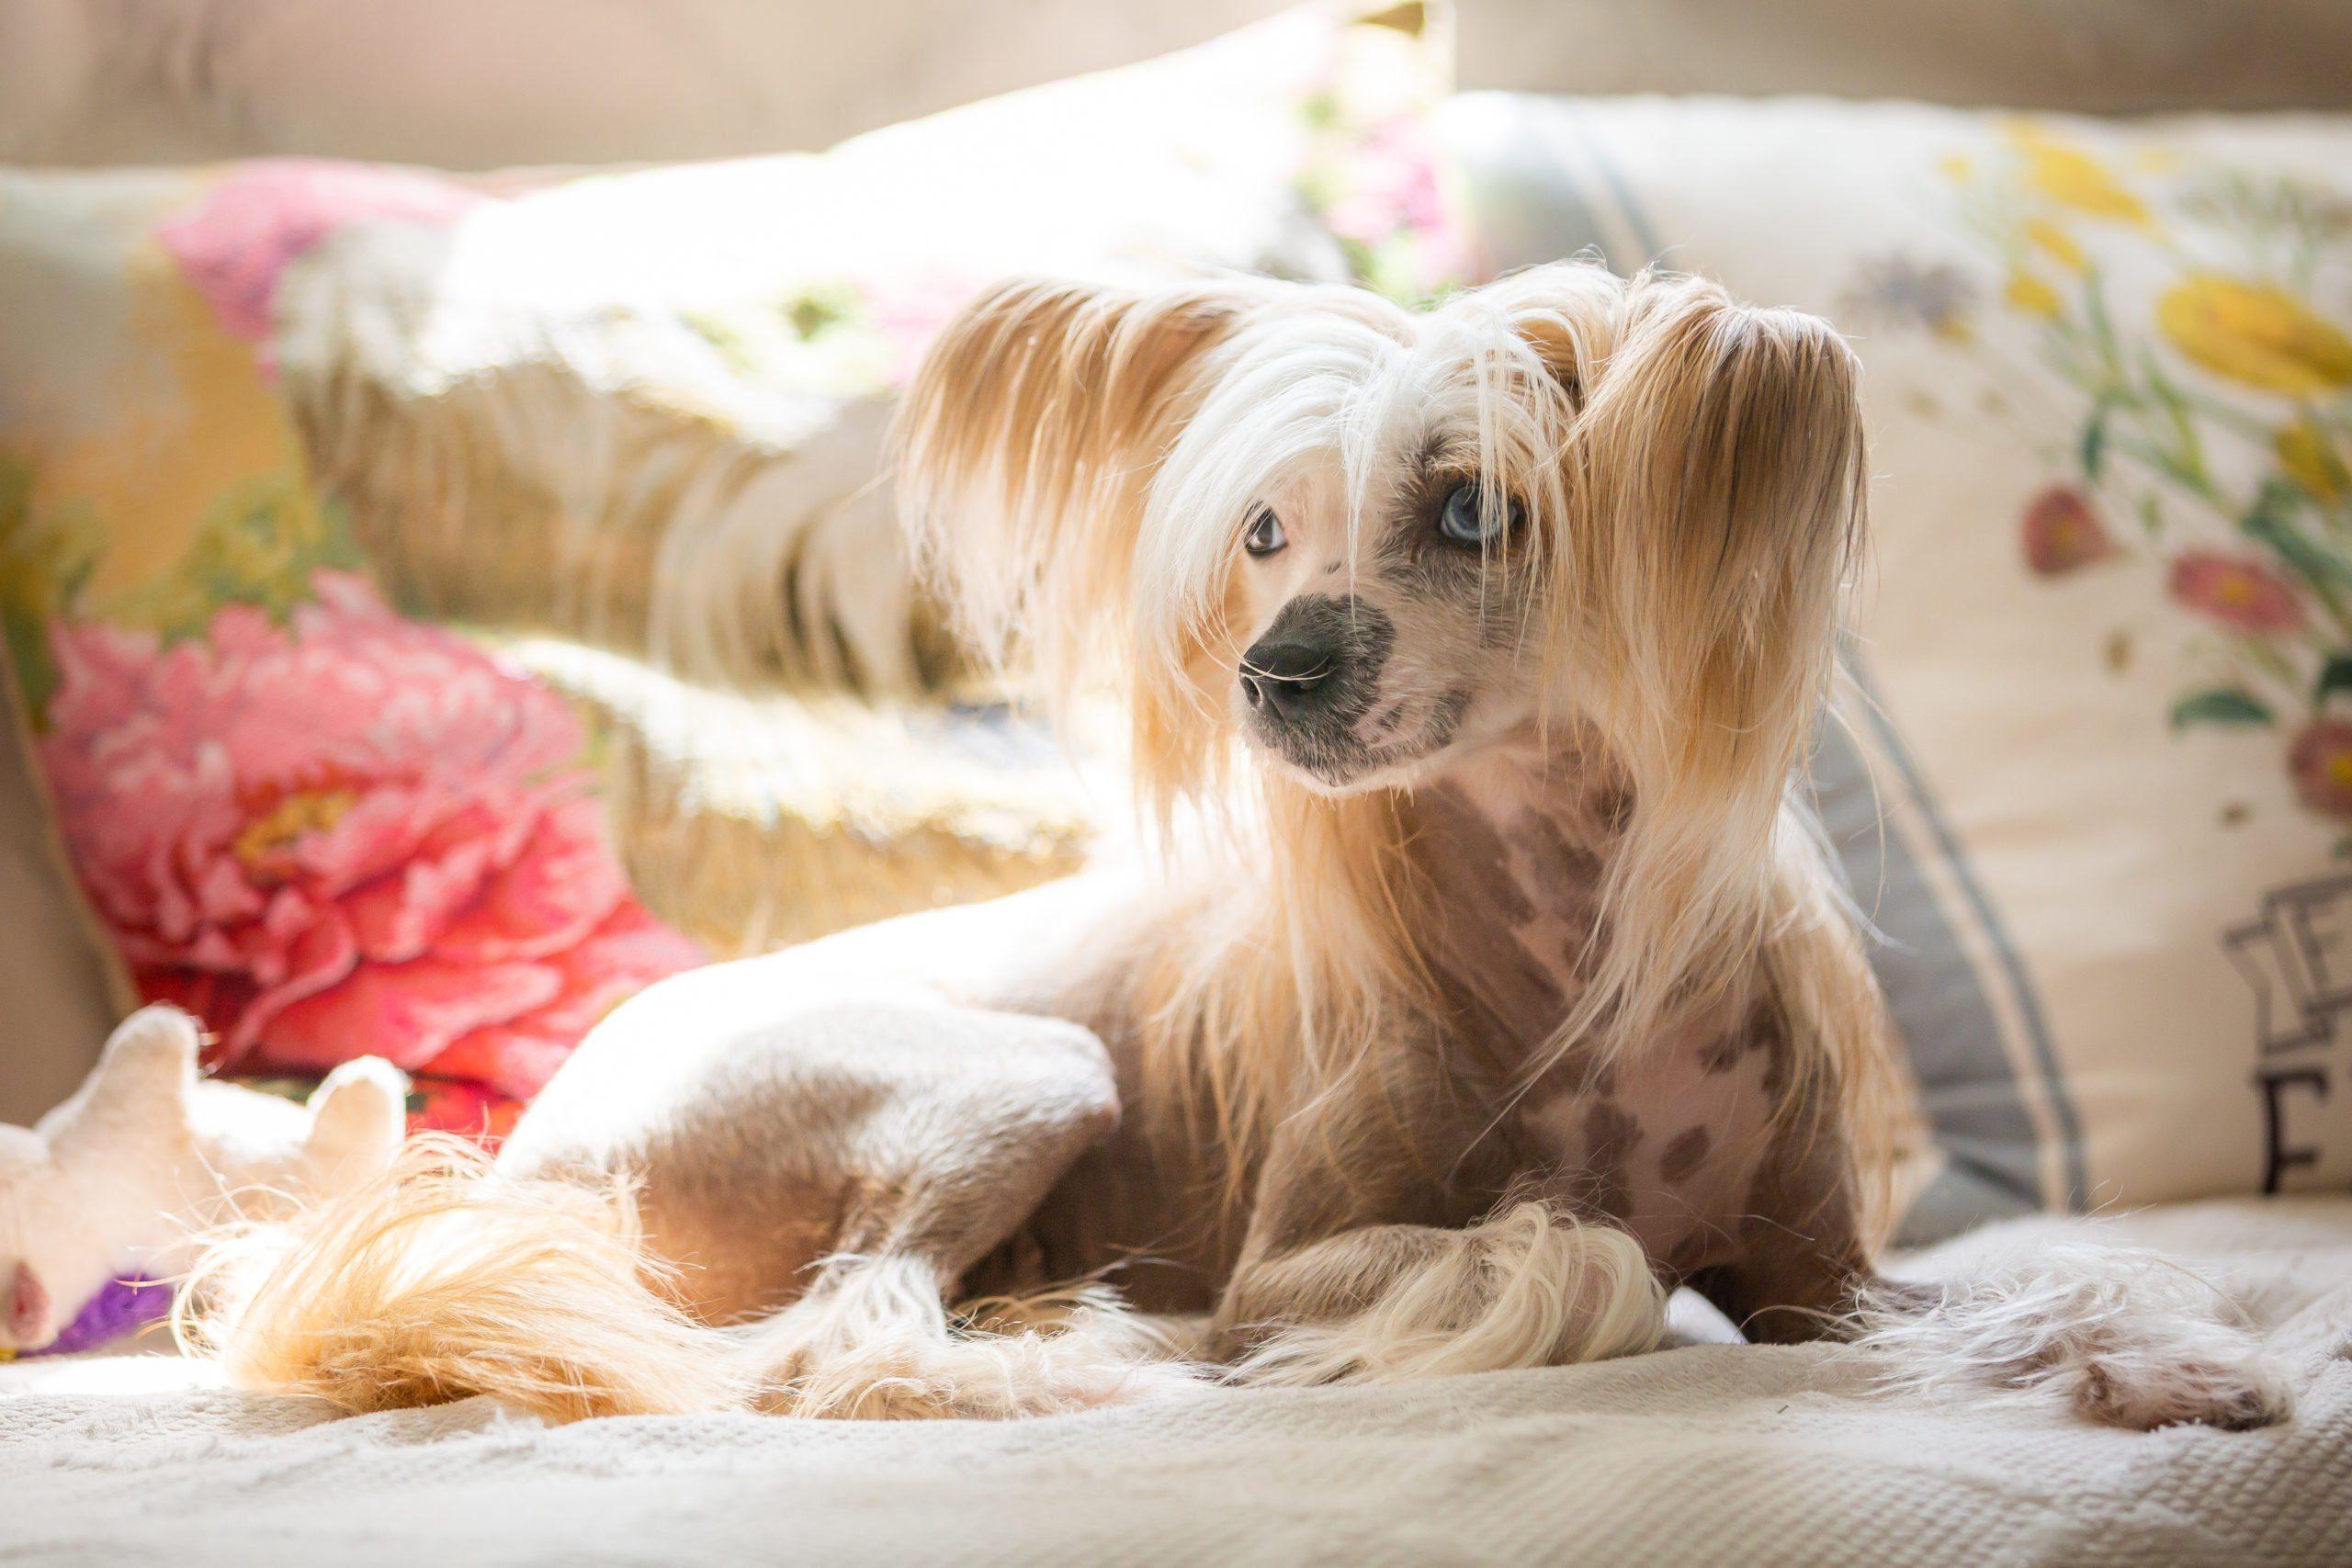 Lazy dog breeds - Chinese crested dog